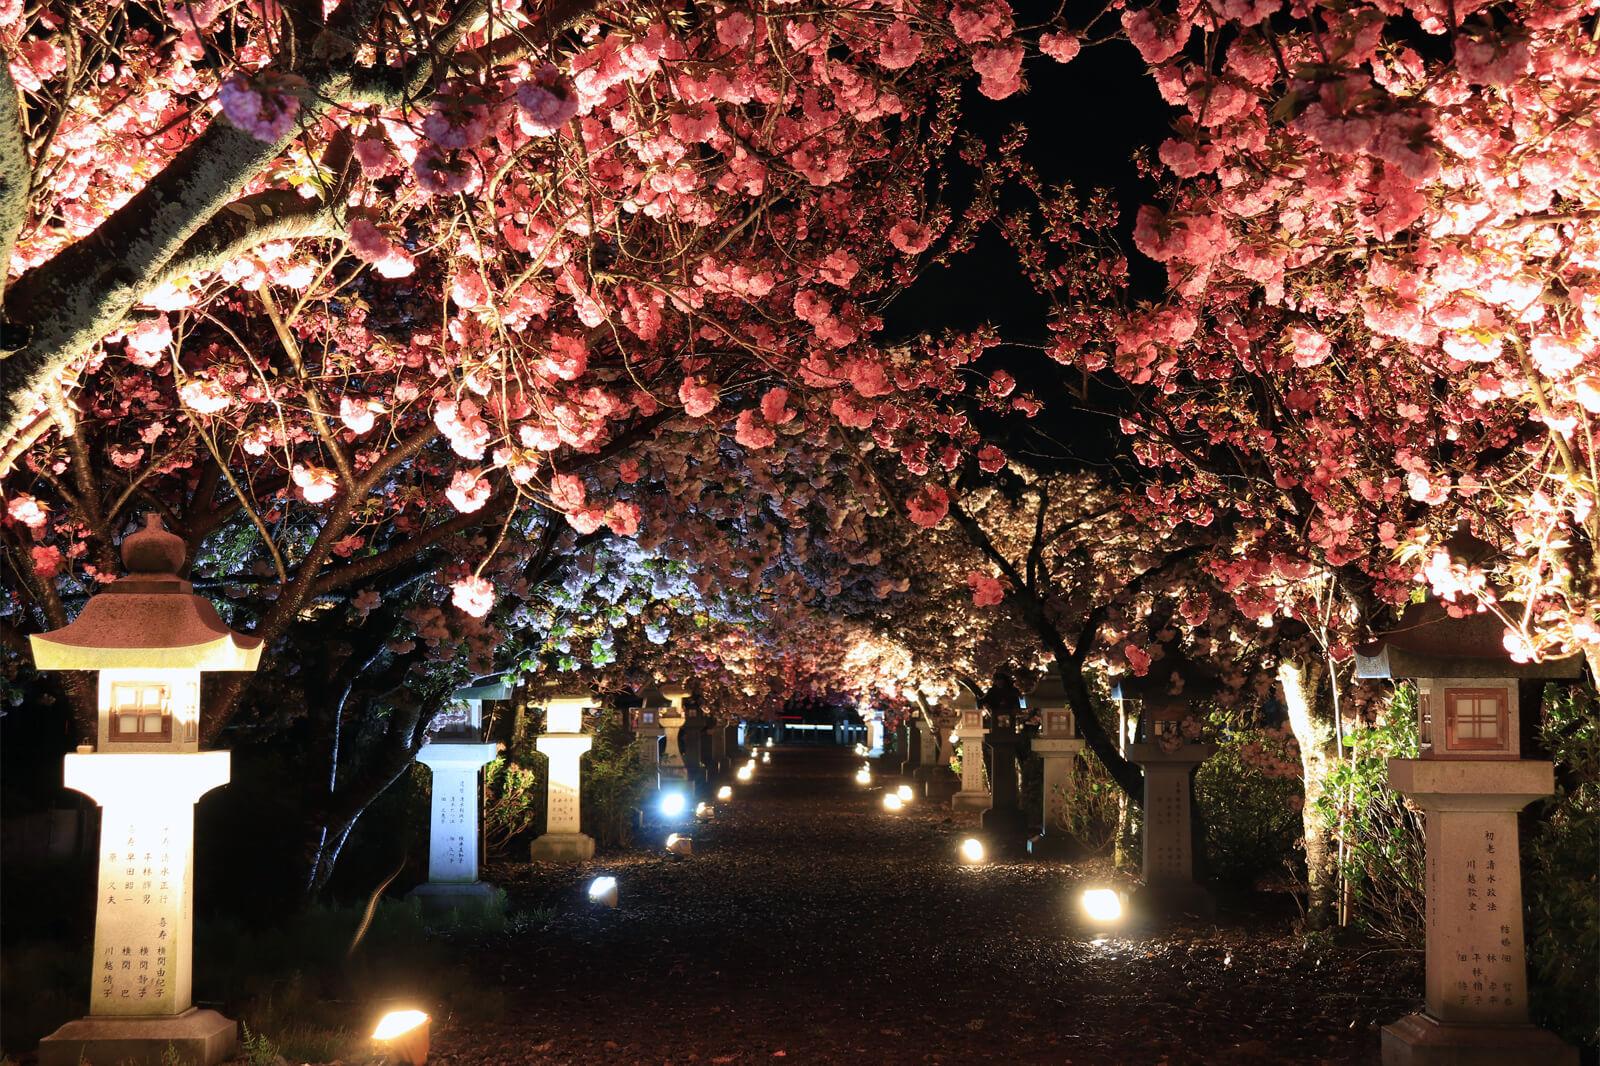 伊香具神社の八重桜(ライトアップ)